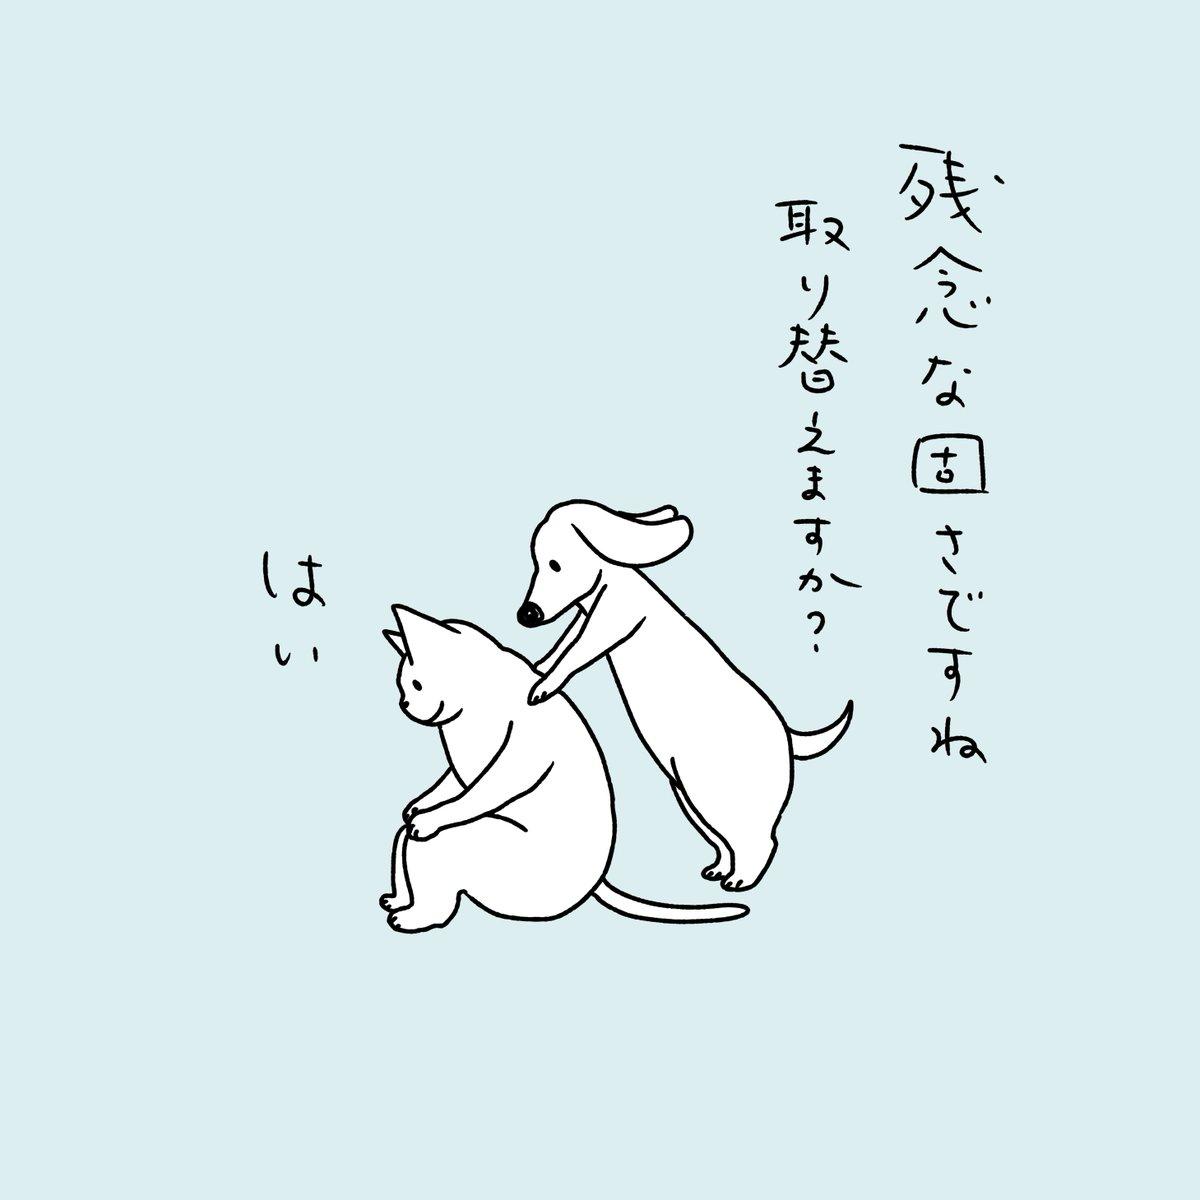 石川ともこ On Twitter 肩こりの日に考えること Illustration